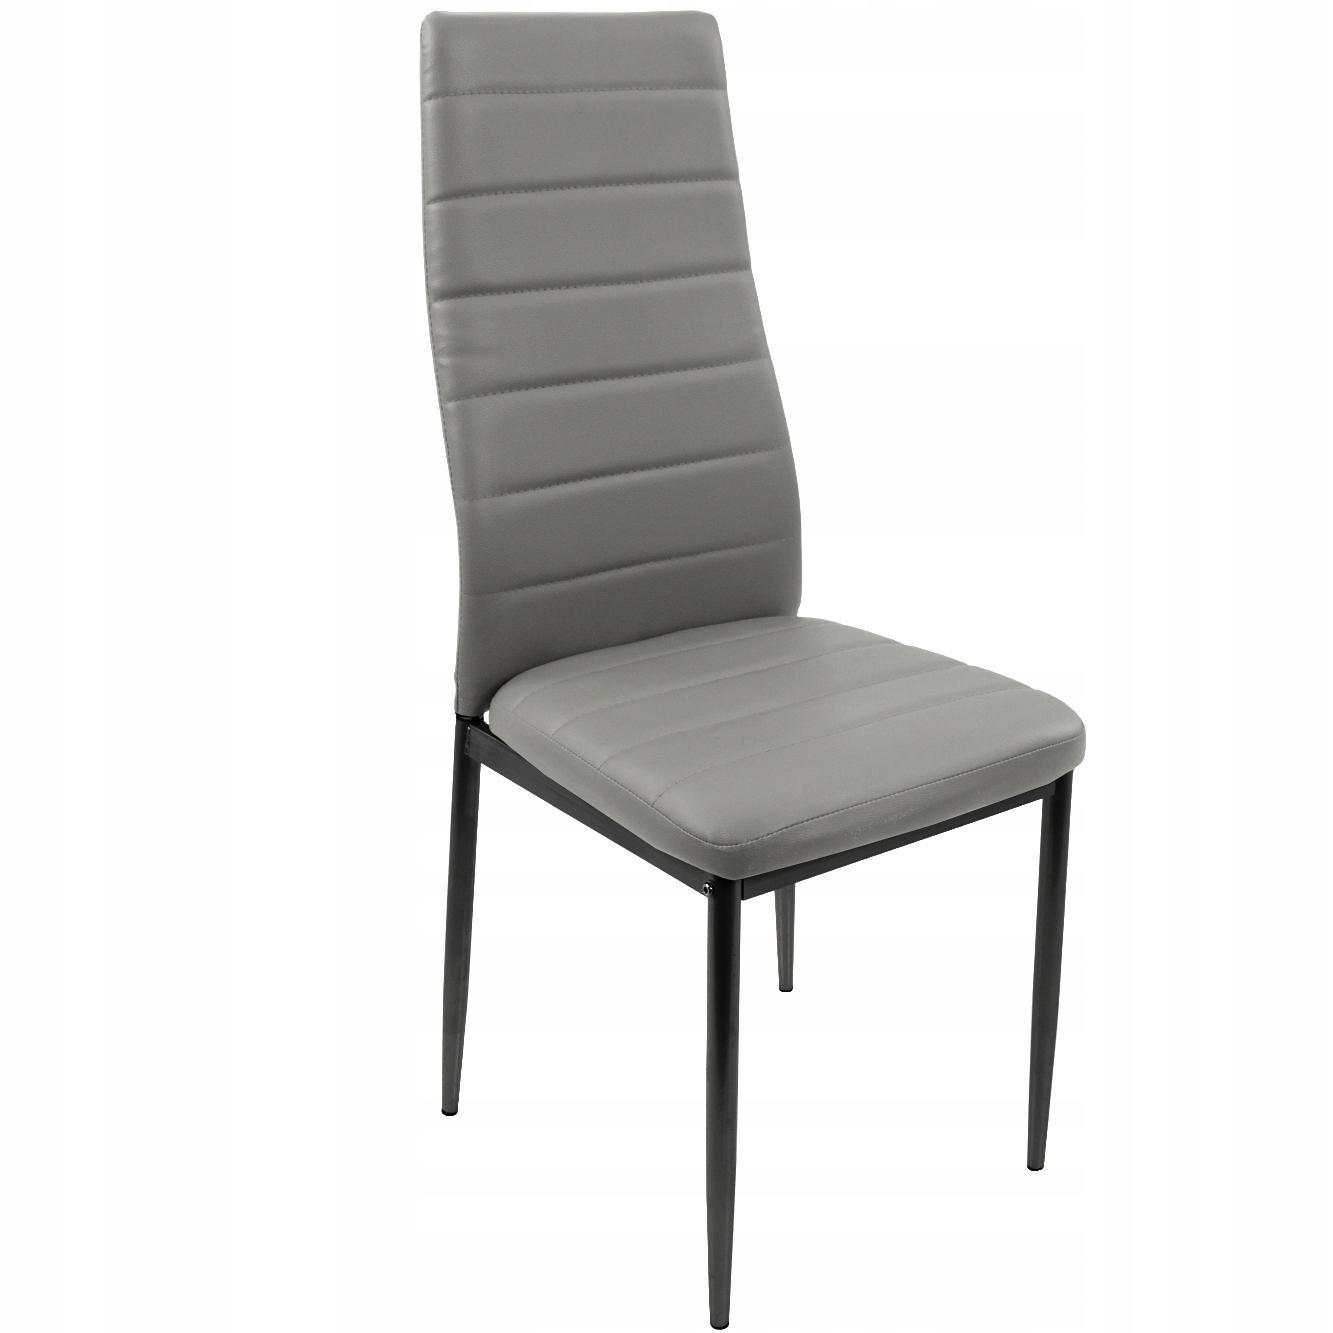 Komplet 4 nowoczesne Krzesła KUCHENNE industrialne